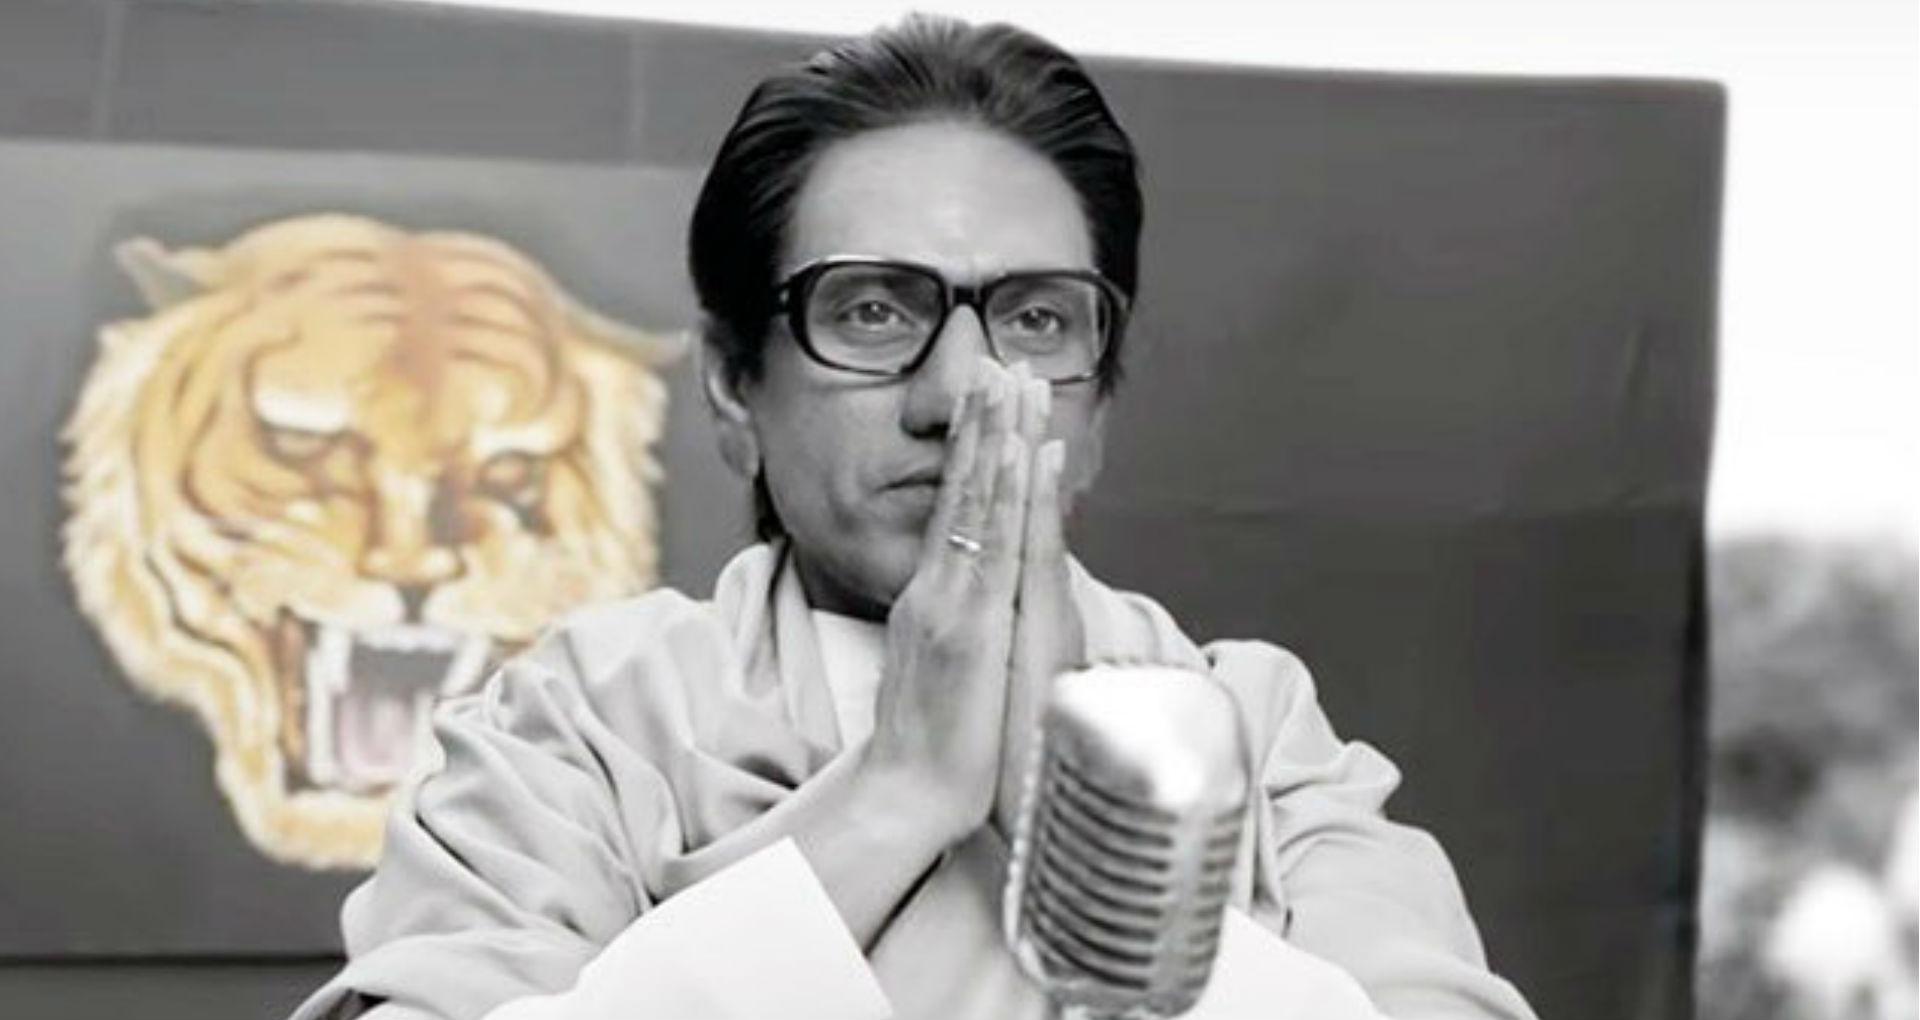 ठाकरे रिव्यूः एक बार फिर चला नवाजुद्दीन सिद्दीकी का जादू, पूरी फिल्म में छाए रहे अभिनेता